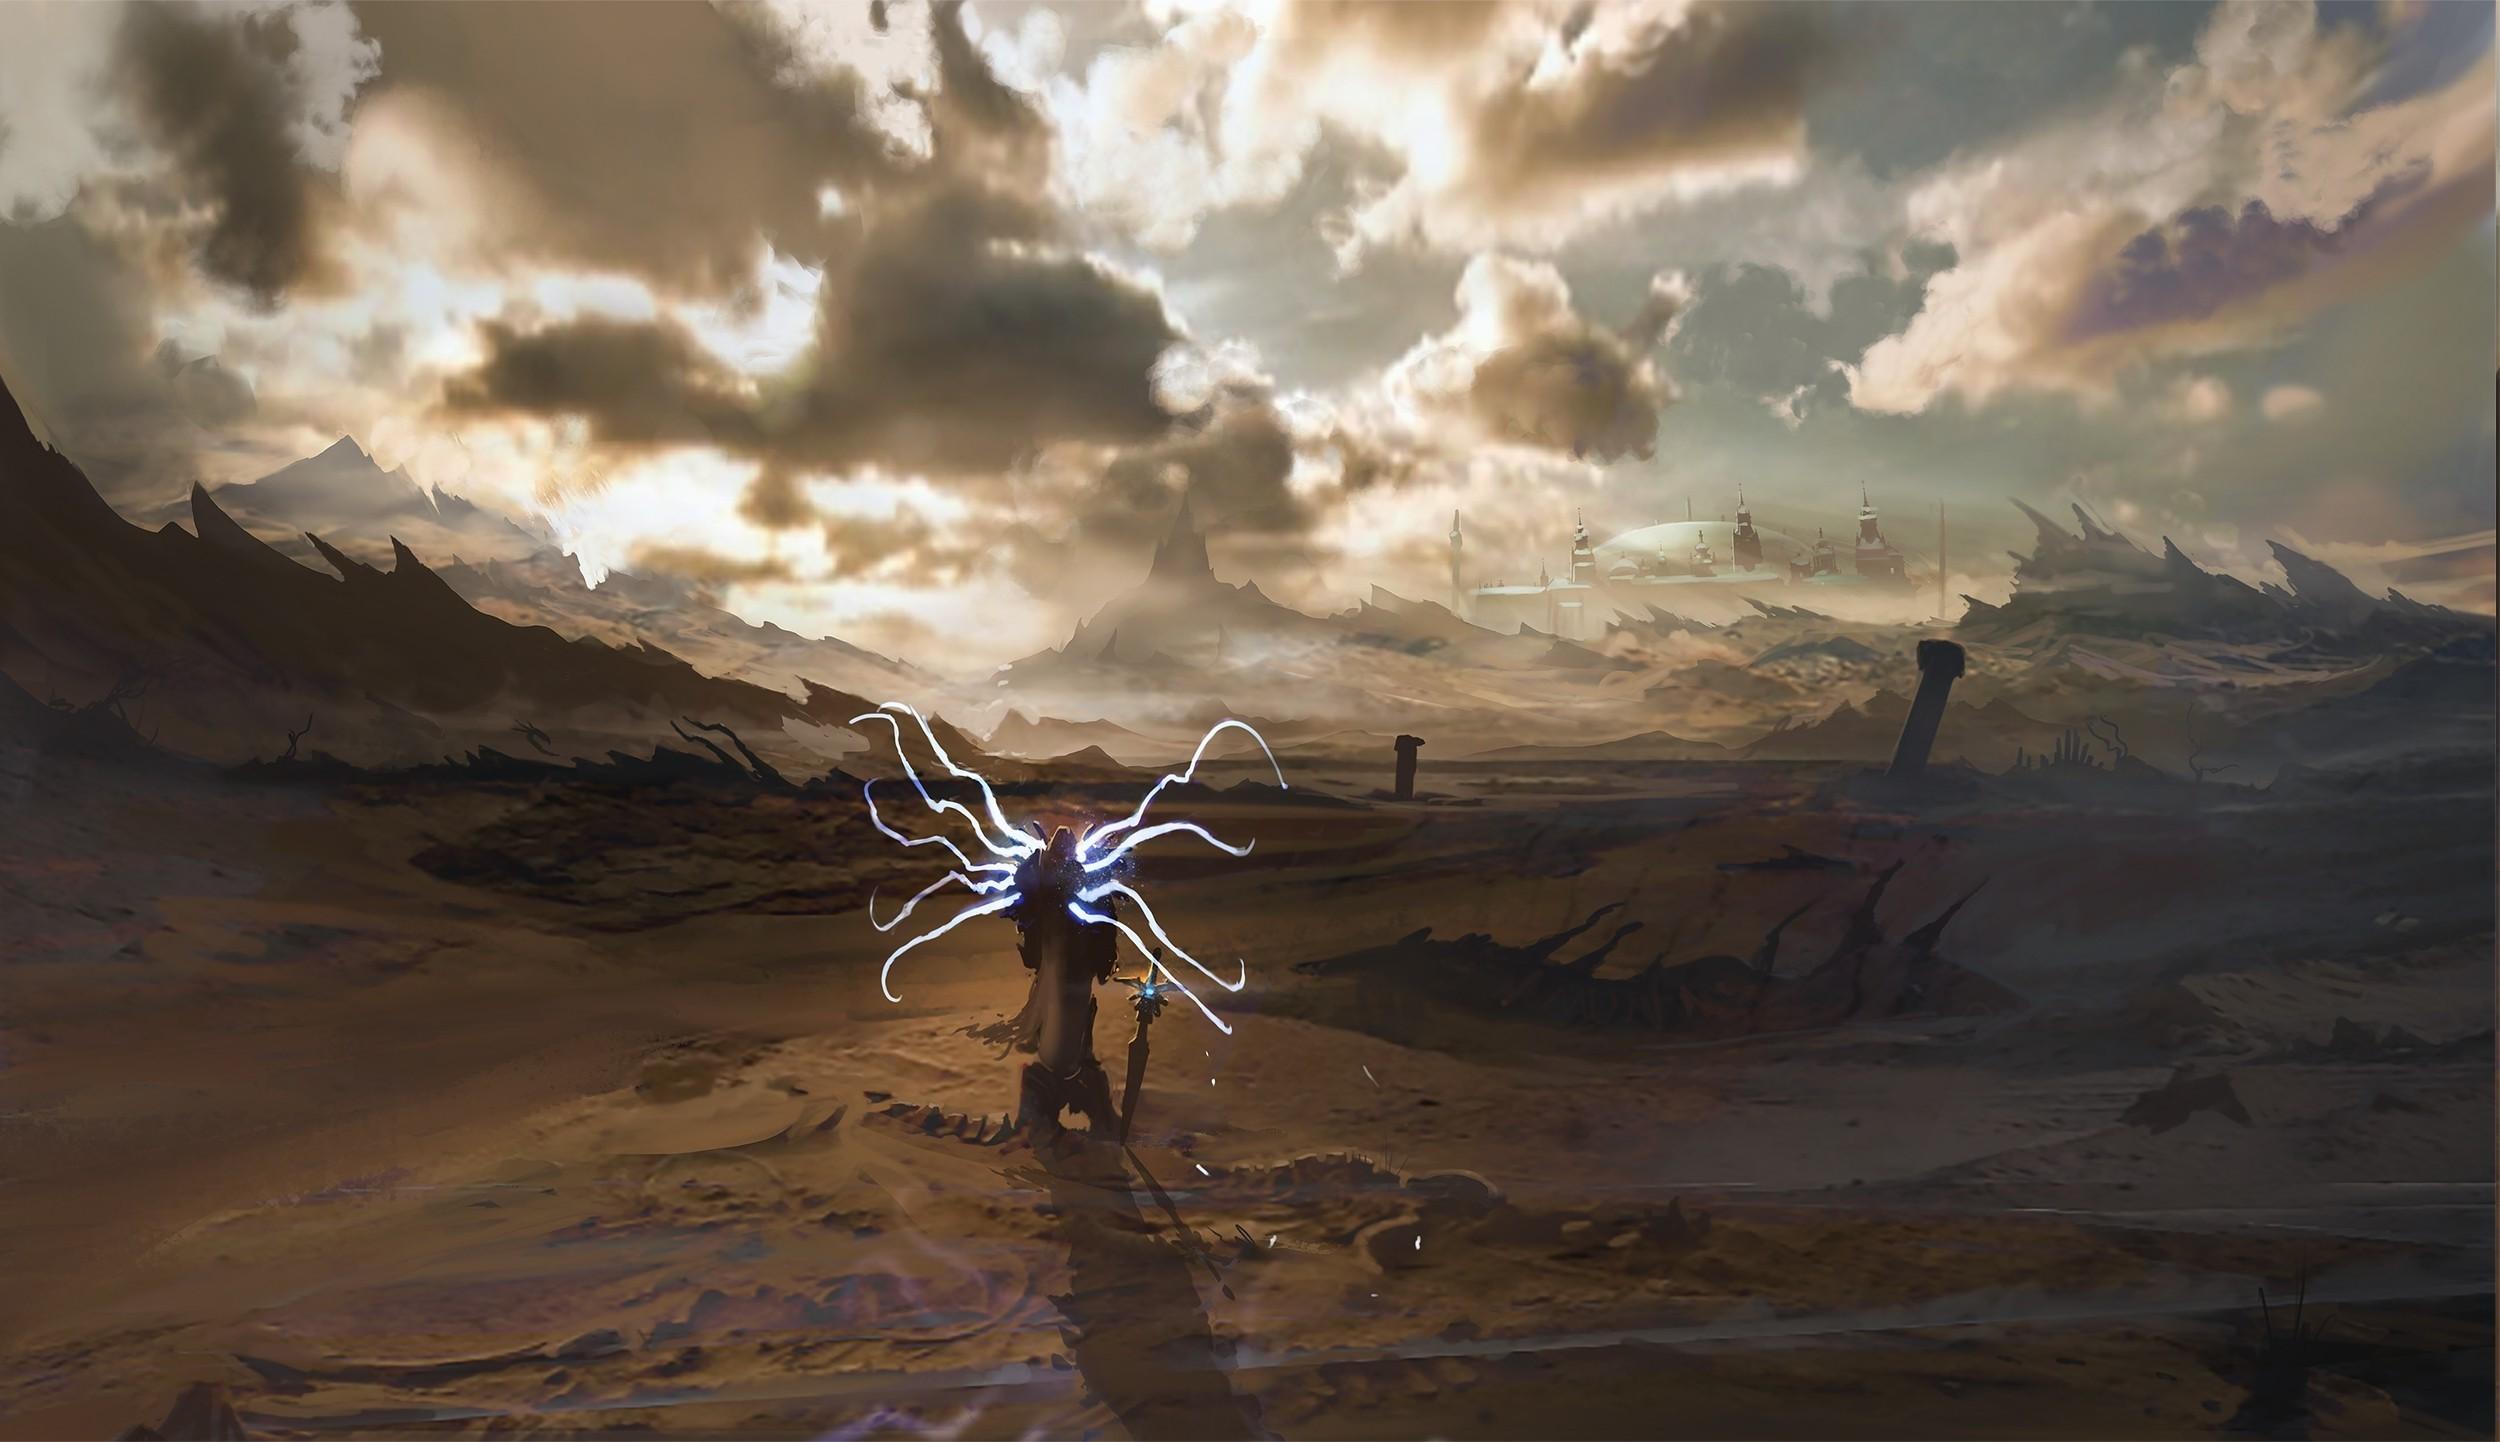 Res: 2500x1442, nova wallpaper 18 jpg Source · Best Of Diablo 3 Wallpaper 1920 1080 Hd Free  Wallpaper HD 2018